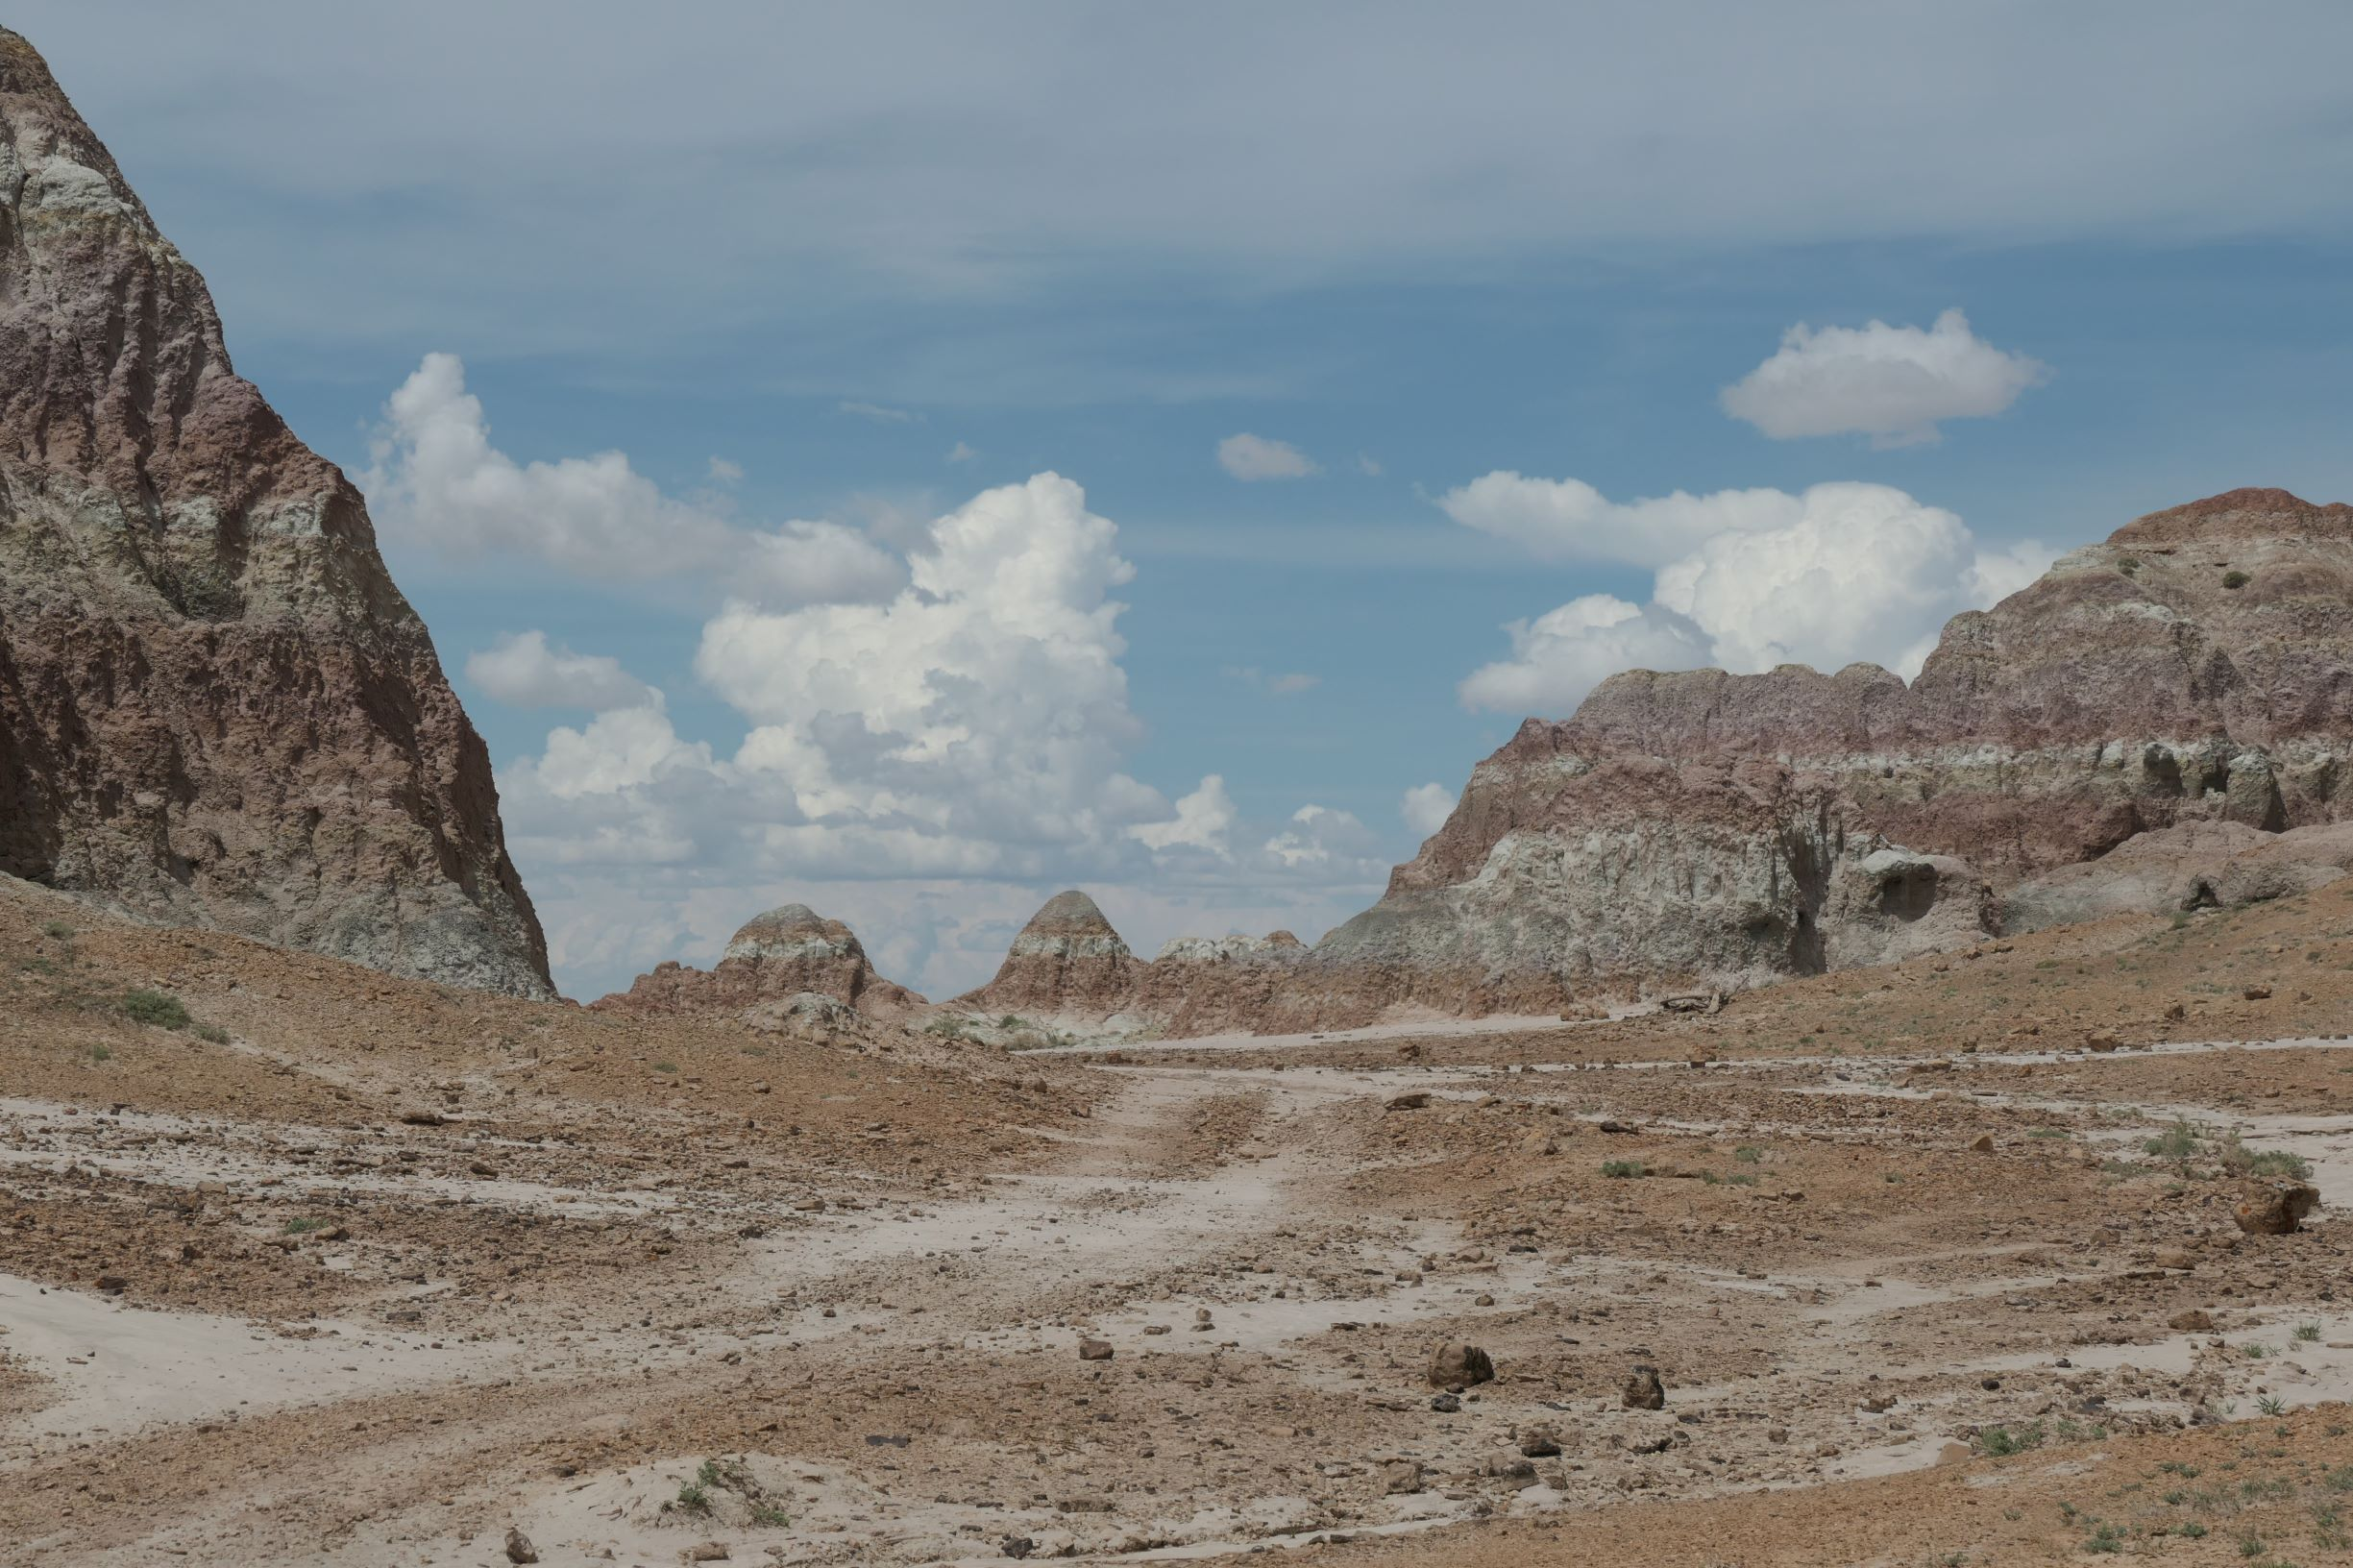 Eocene sediment dreams